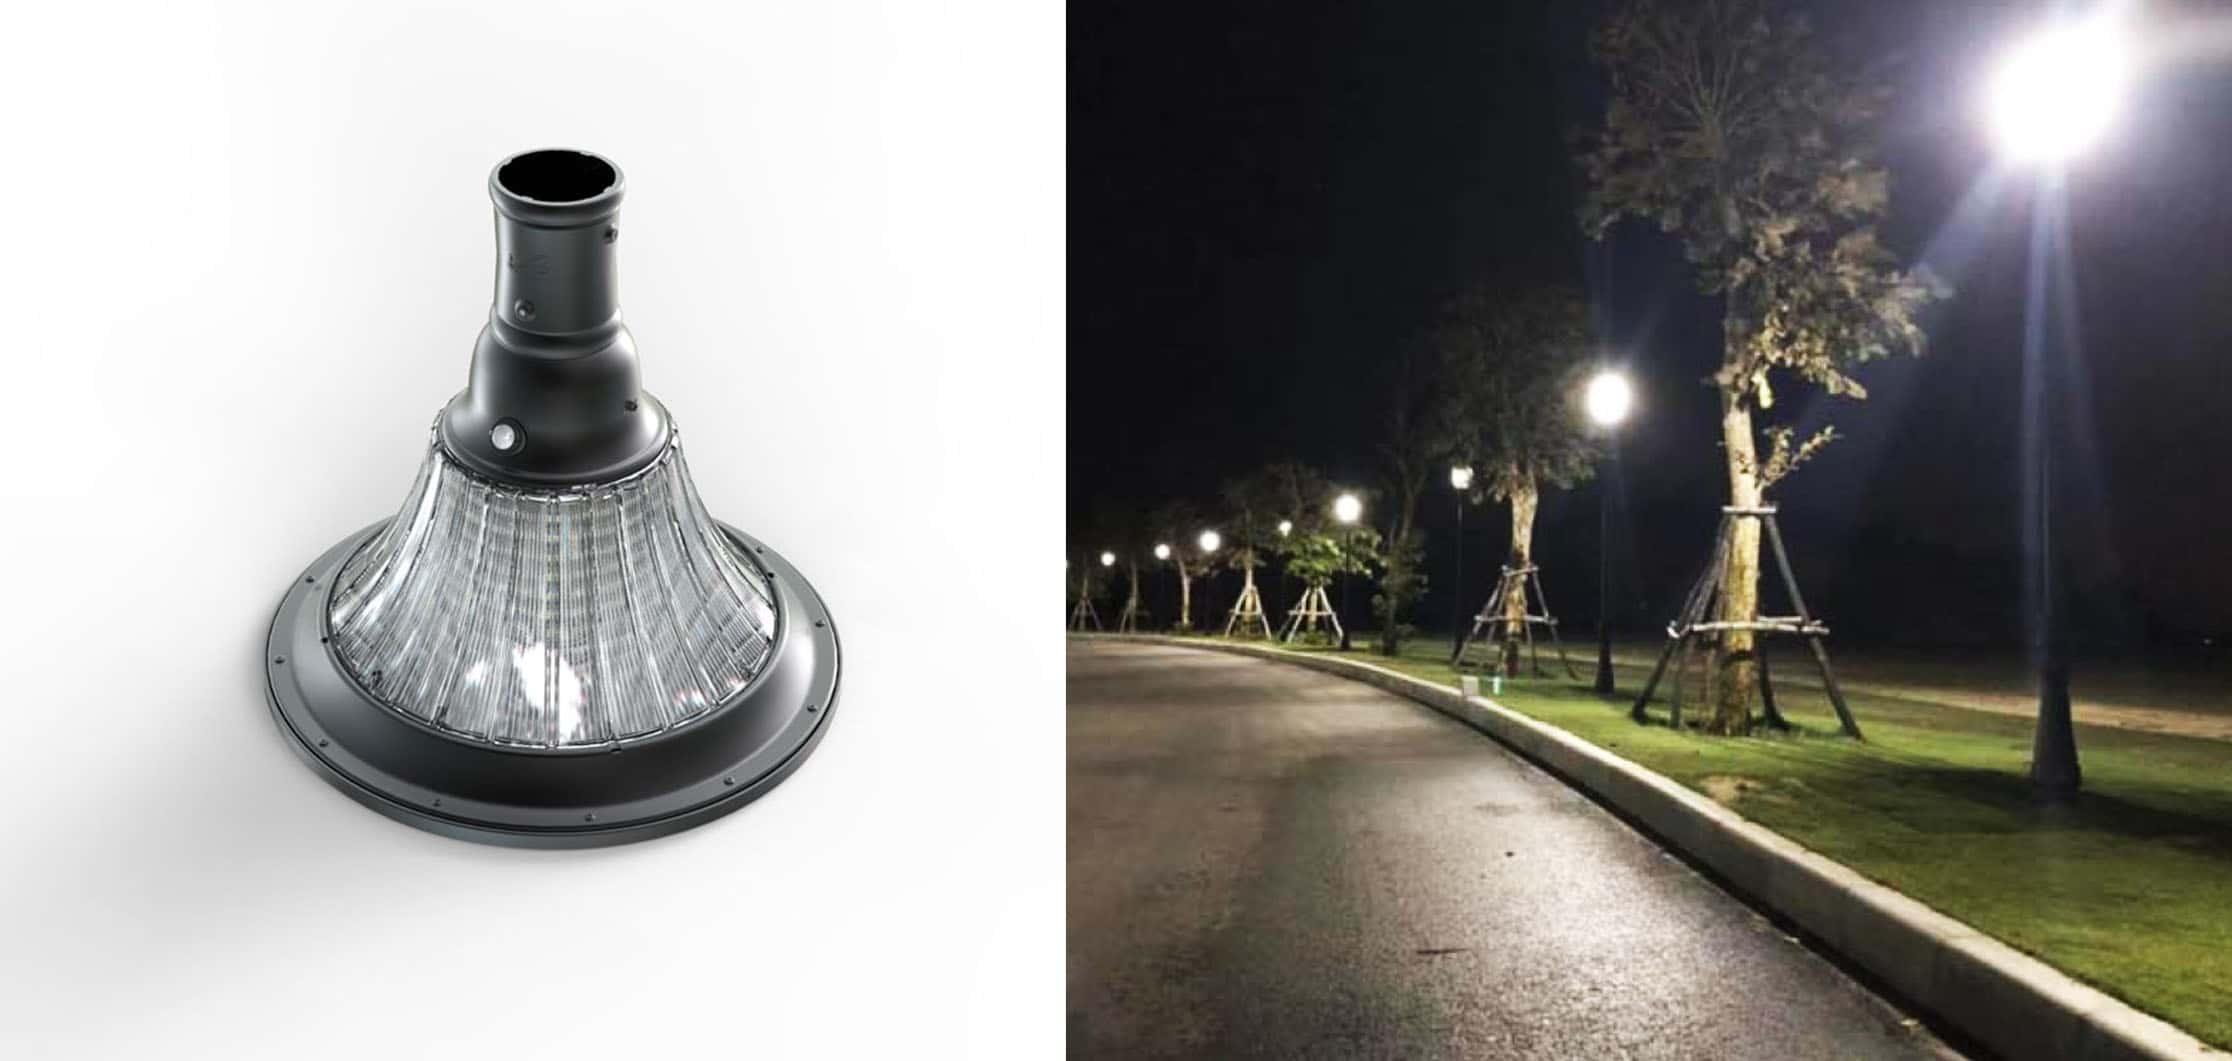 latarnia solarna uliczna